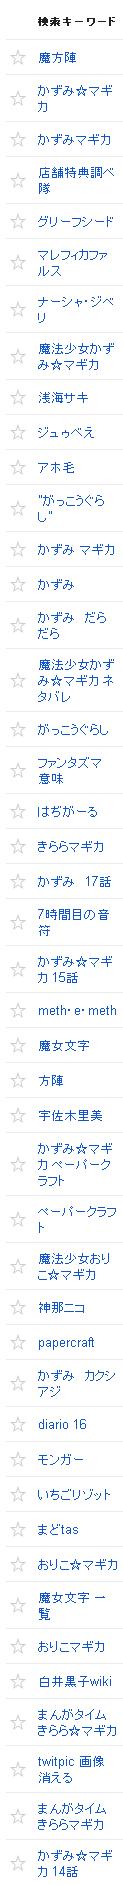 2012/06/02の検索クエリ一覧(ウェブマスターツール)の上位